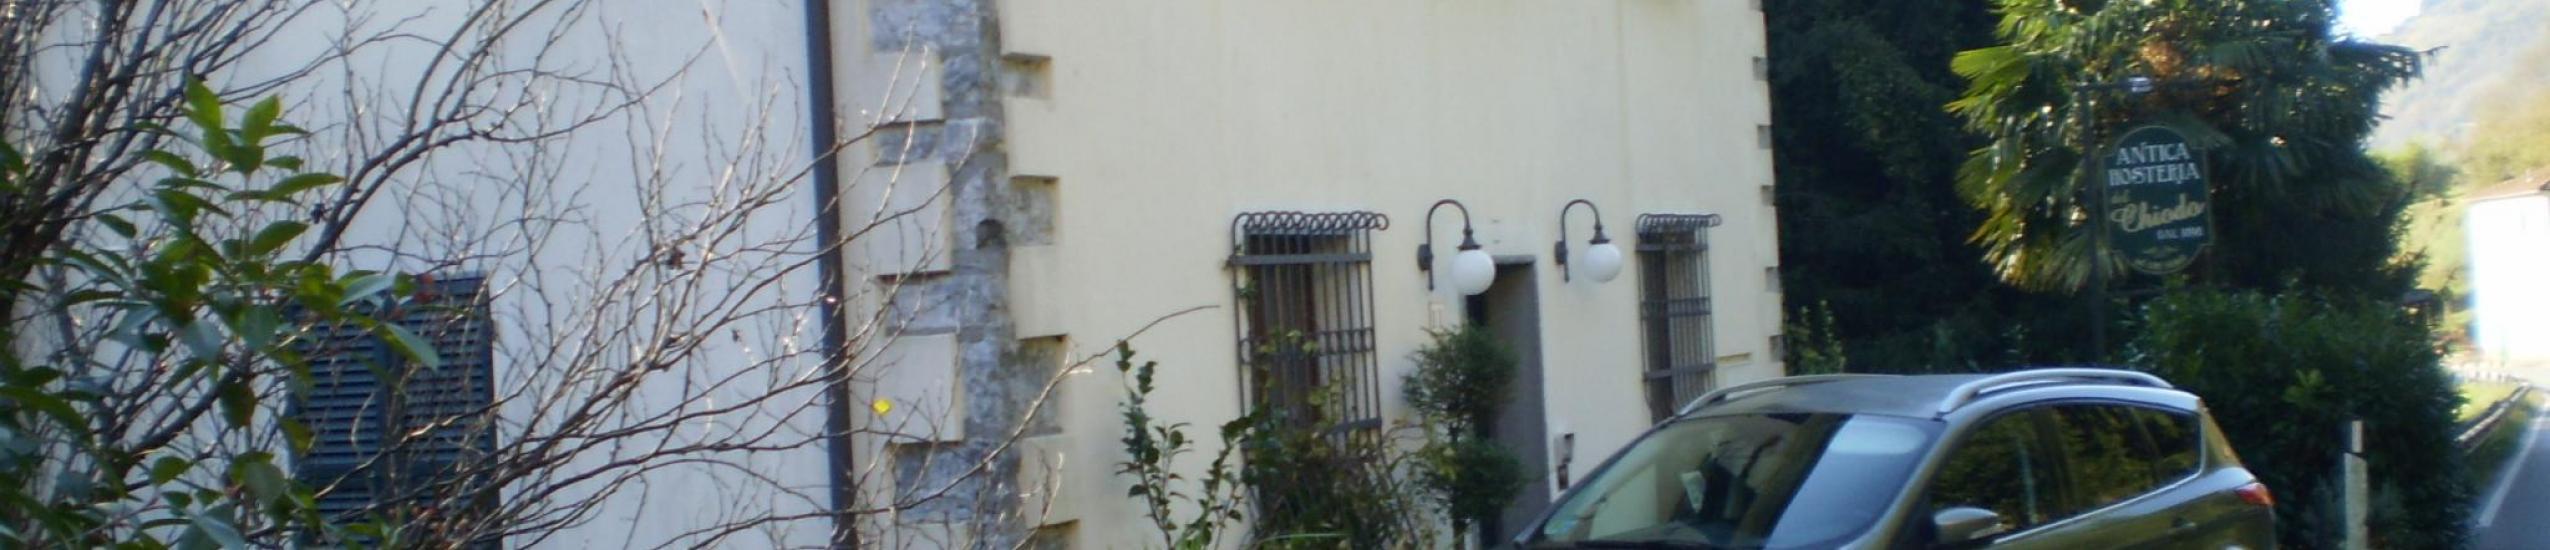 Vista laterale dalla strada